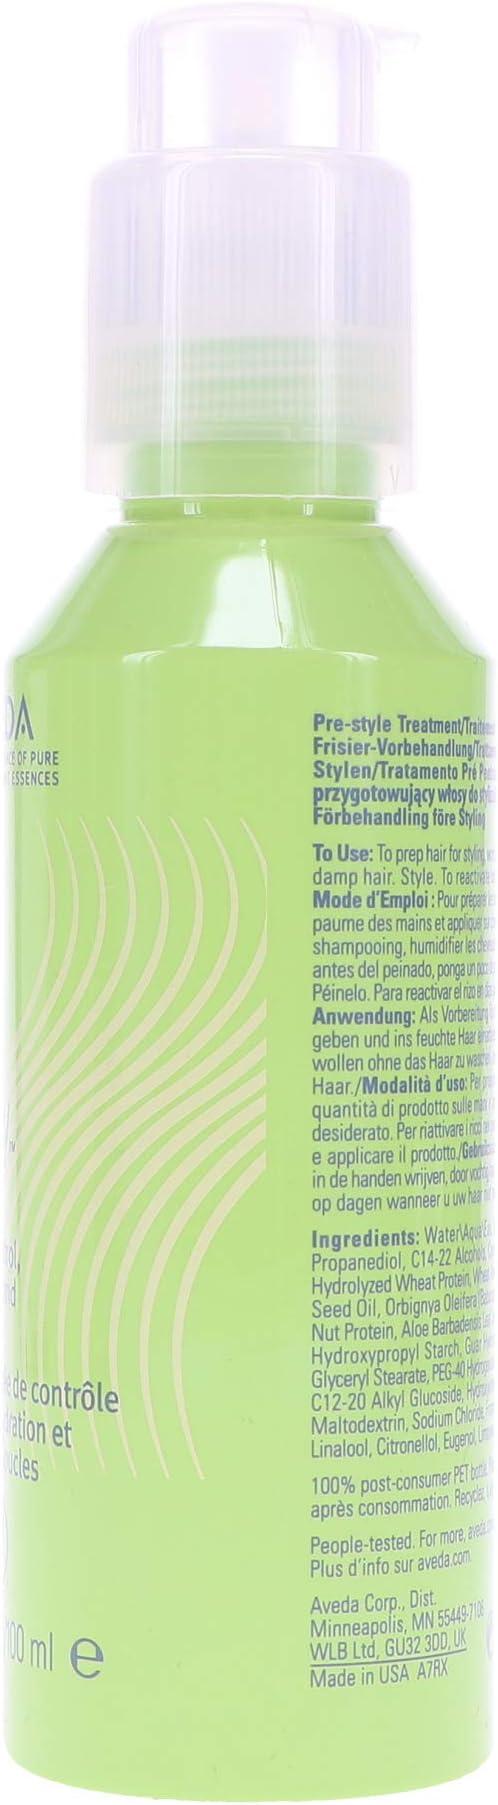 Aveda 50442 - Crema reparadora, 100 ml: Amazon.es: Belleza